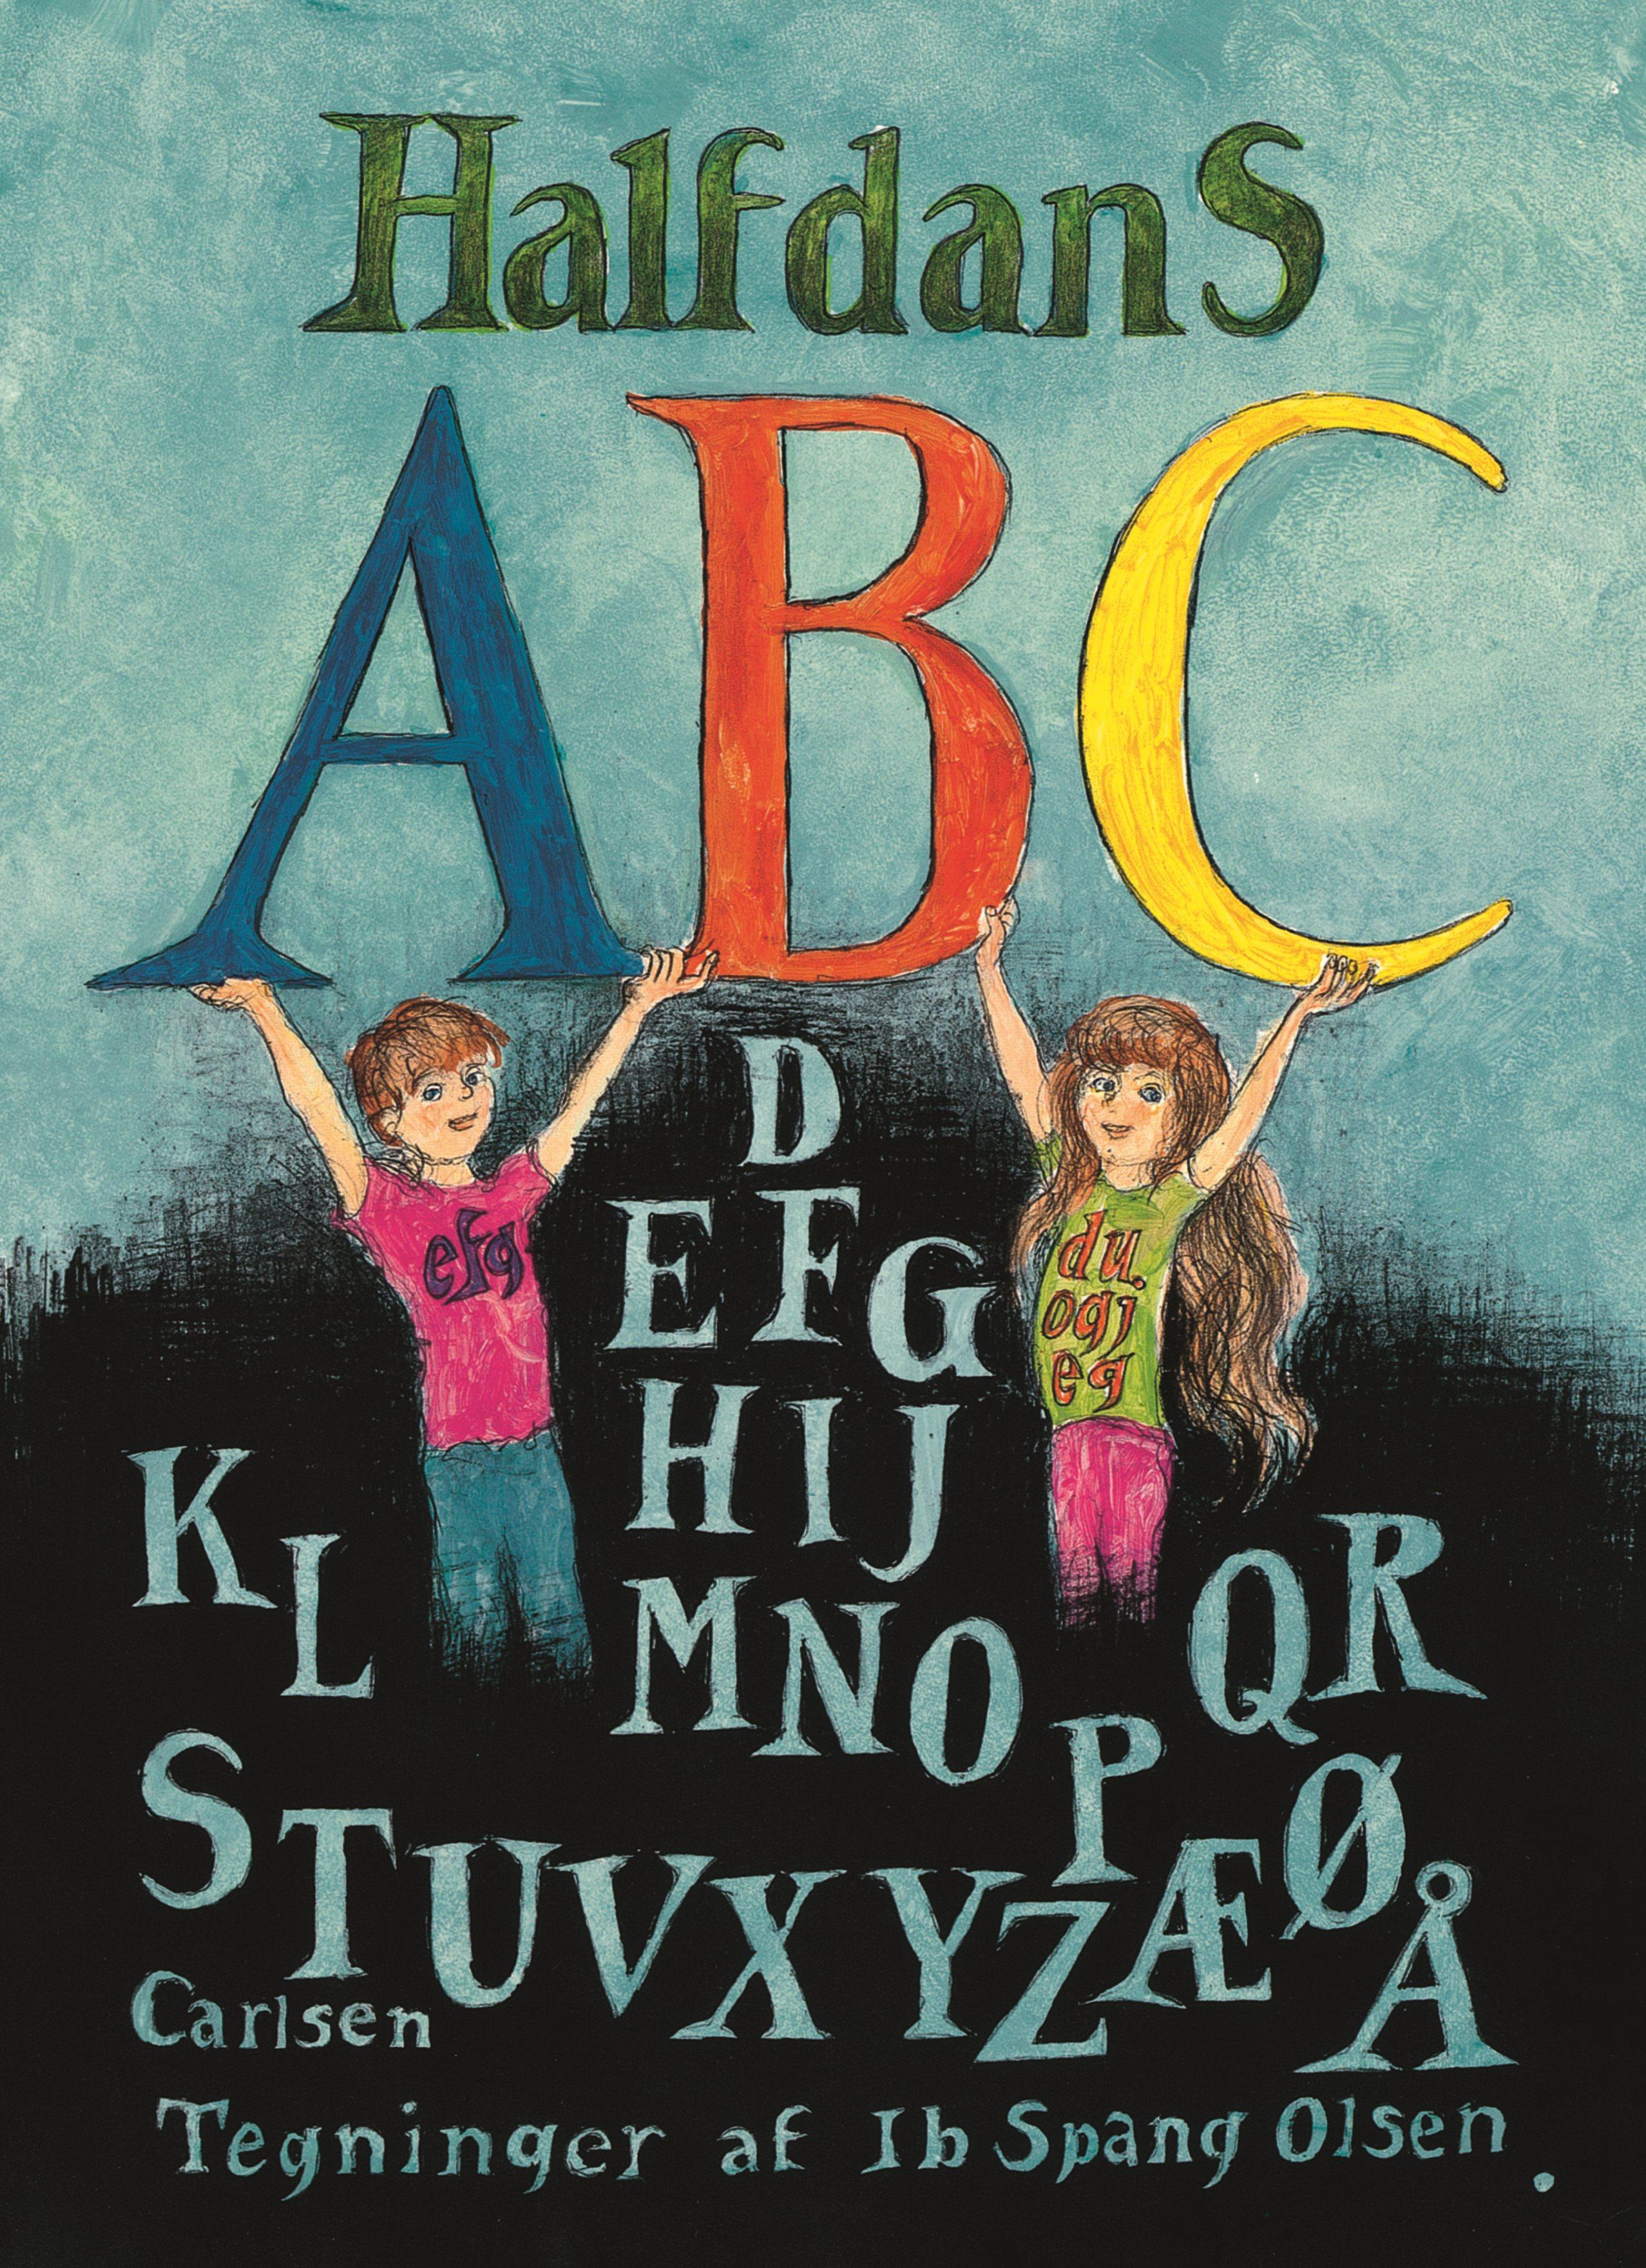 Halfdans ABC, Halfdan Rasmussen, rim og remser, papbog, børnebog, abc